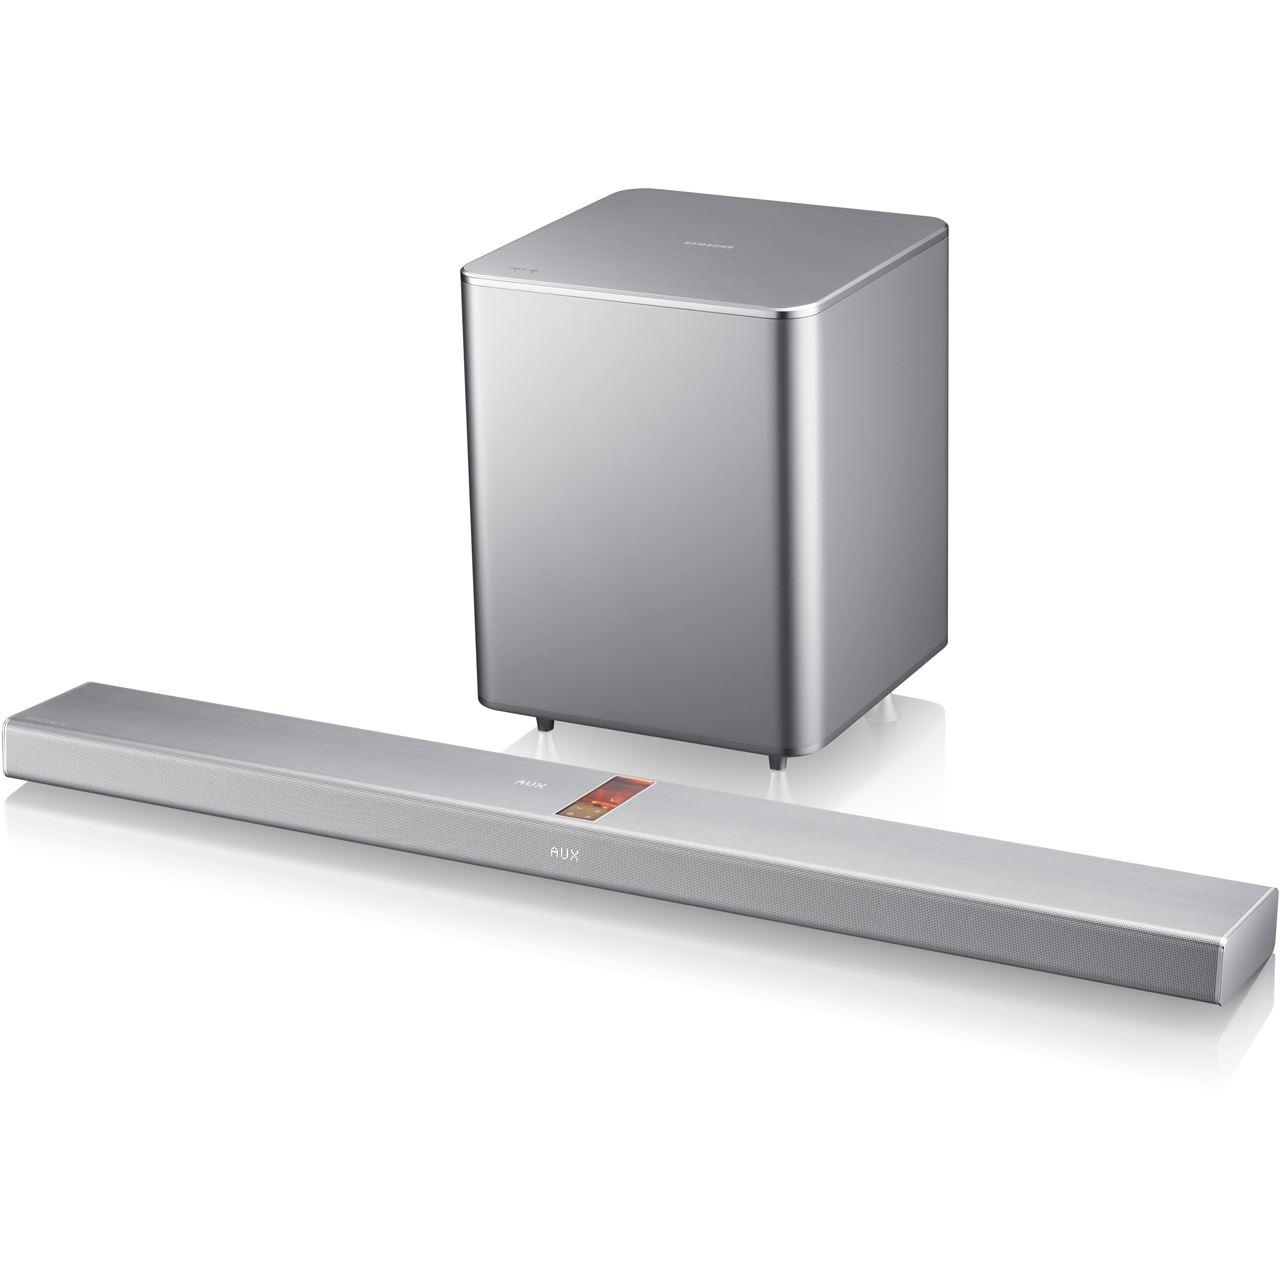 samsung hw f751 en soundbar 310 w boxen hardware notebooks software bei. Black Bedroom Furniture Sets. Home Design Ideas